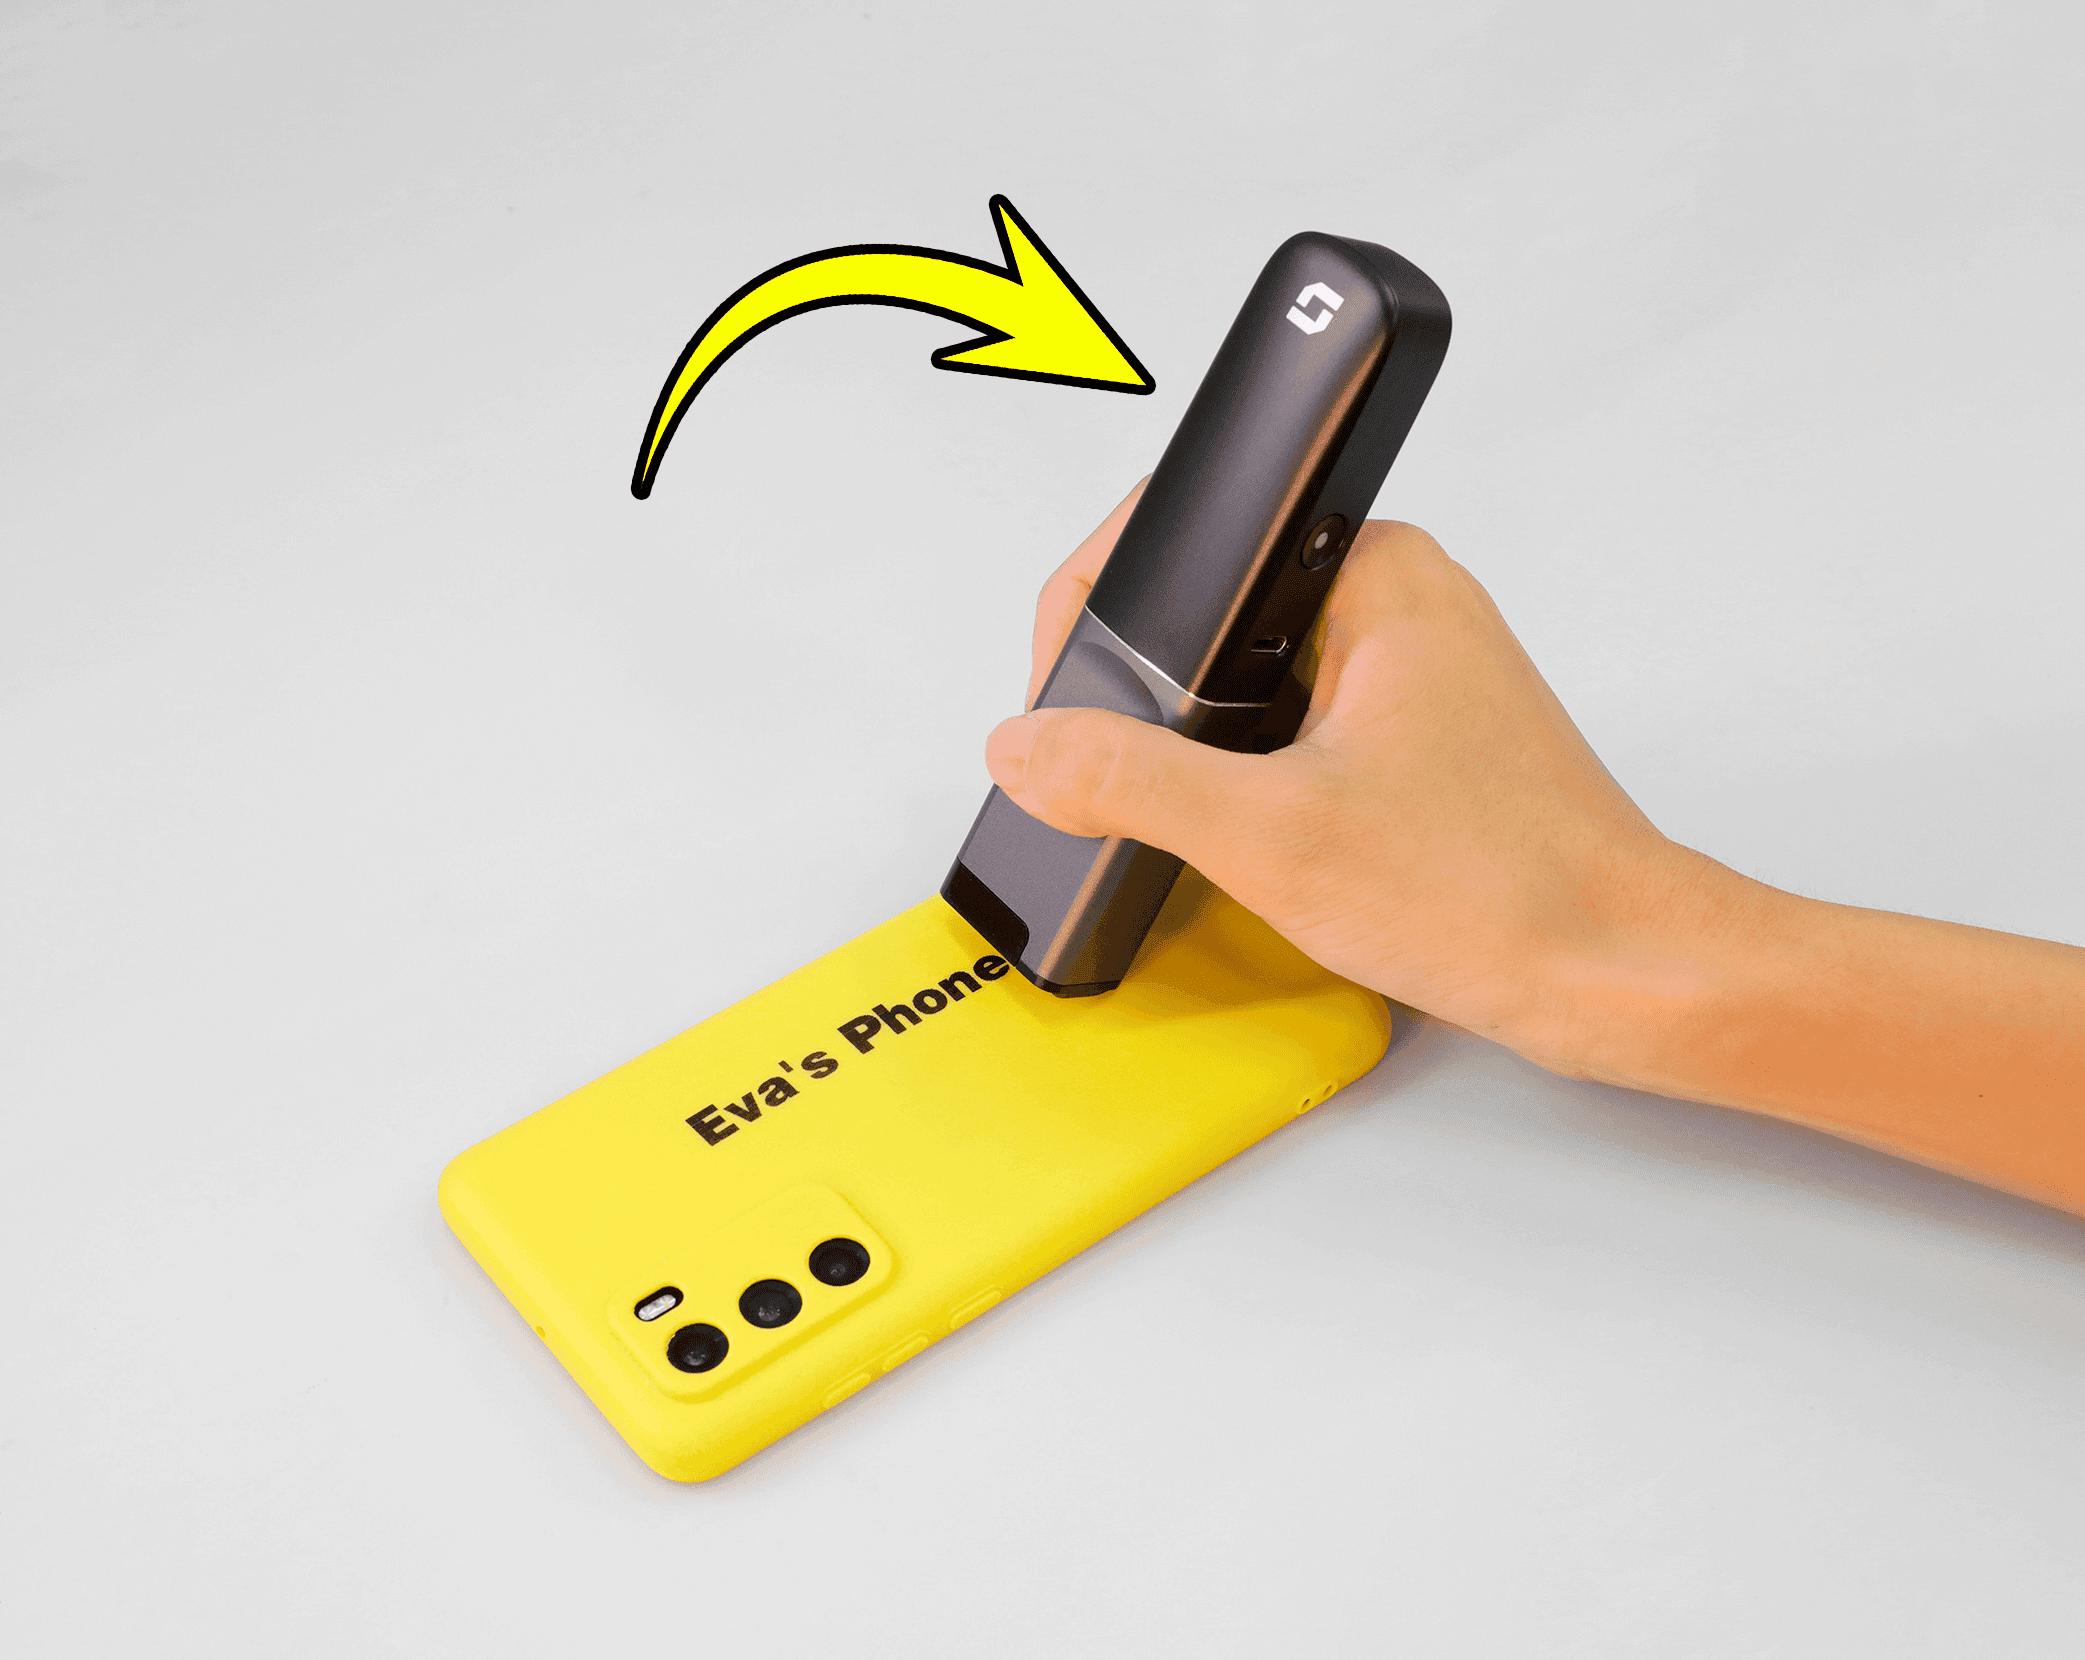 Esta impresora portátil te cabe en el bolsillo: todos los detalles de la Selpic P1